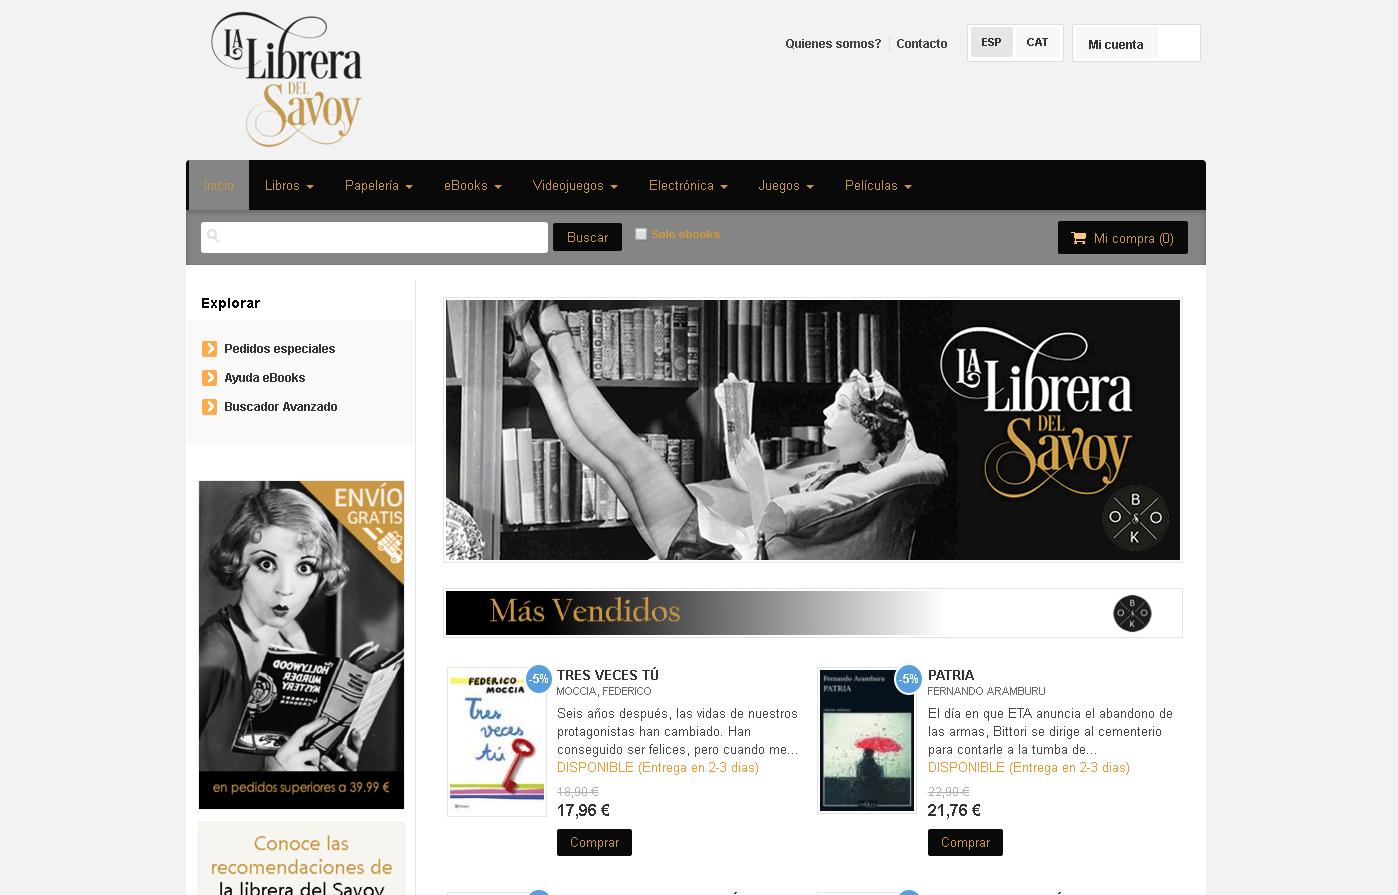 La Librera del Savoy